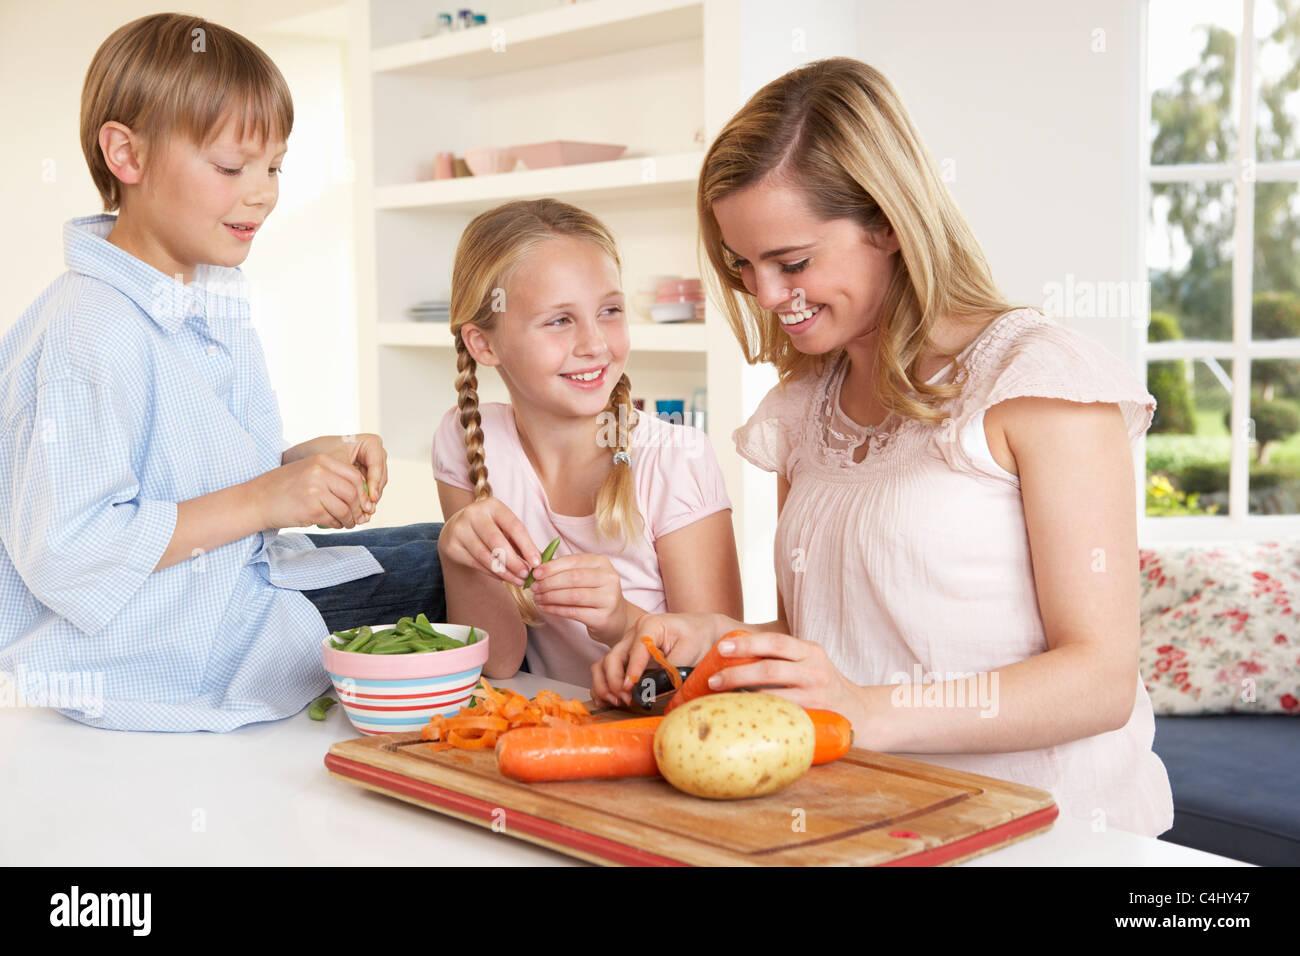 С мамкой на кухне, Мама и сын на кухне - смотреть порно онлайн или скачать 11 фотография